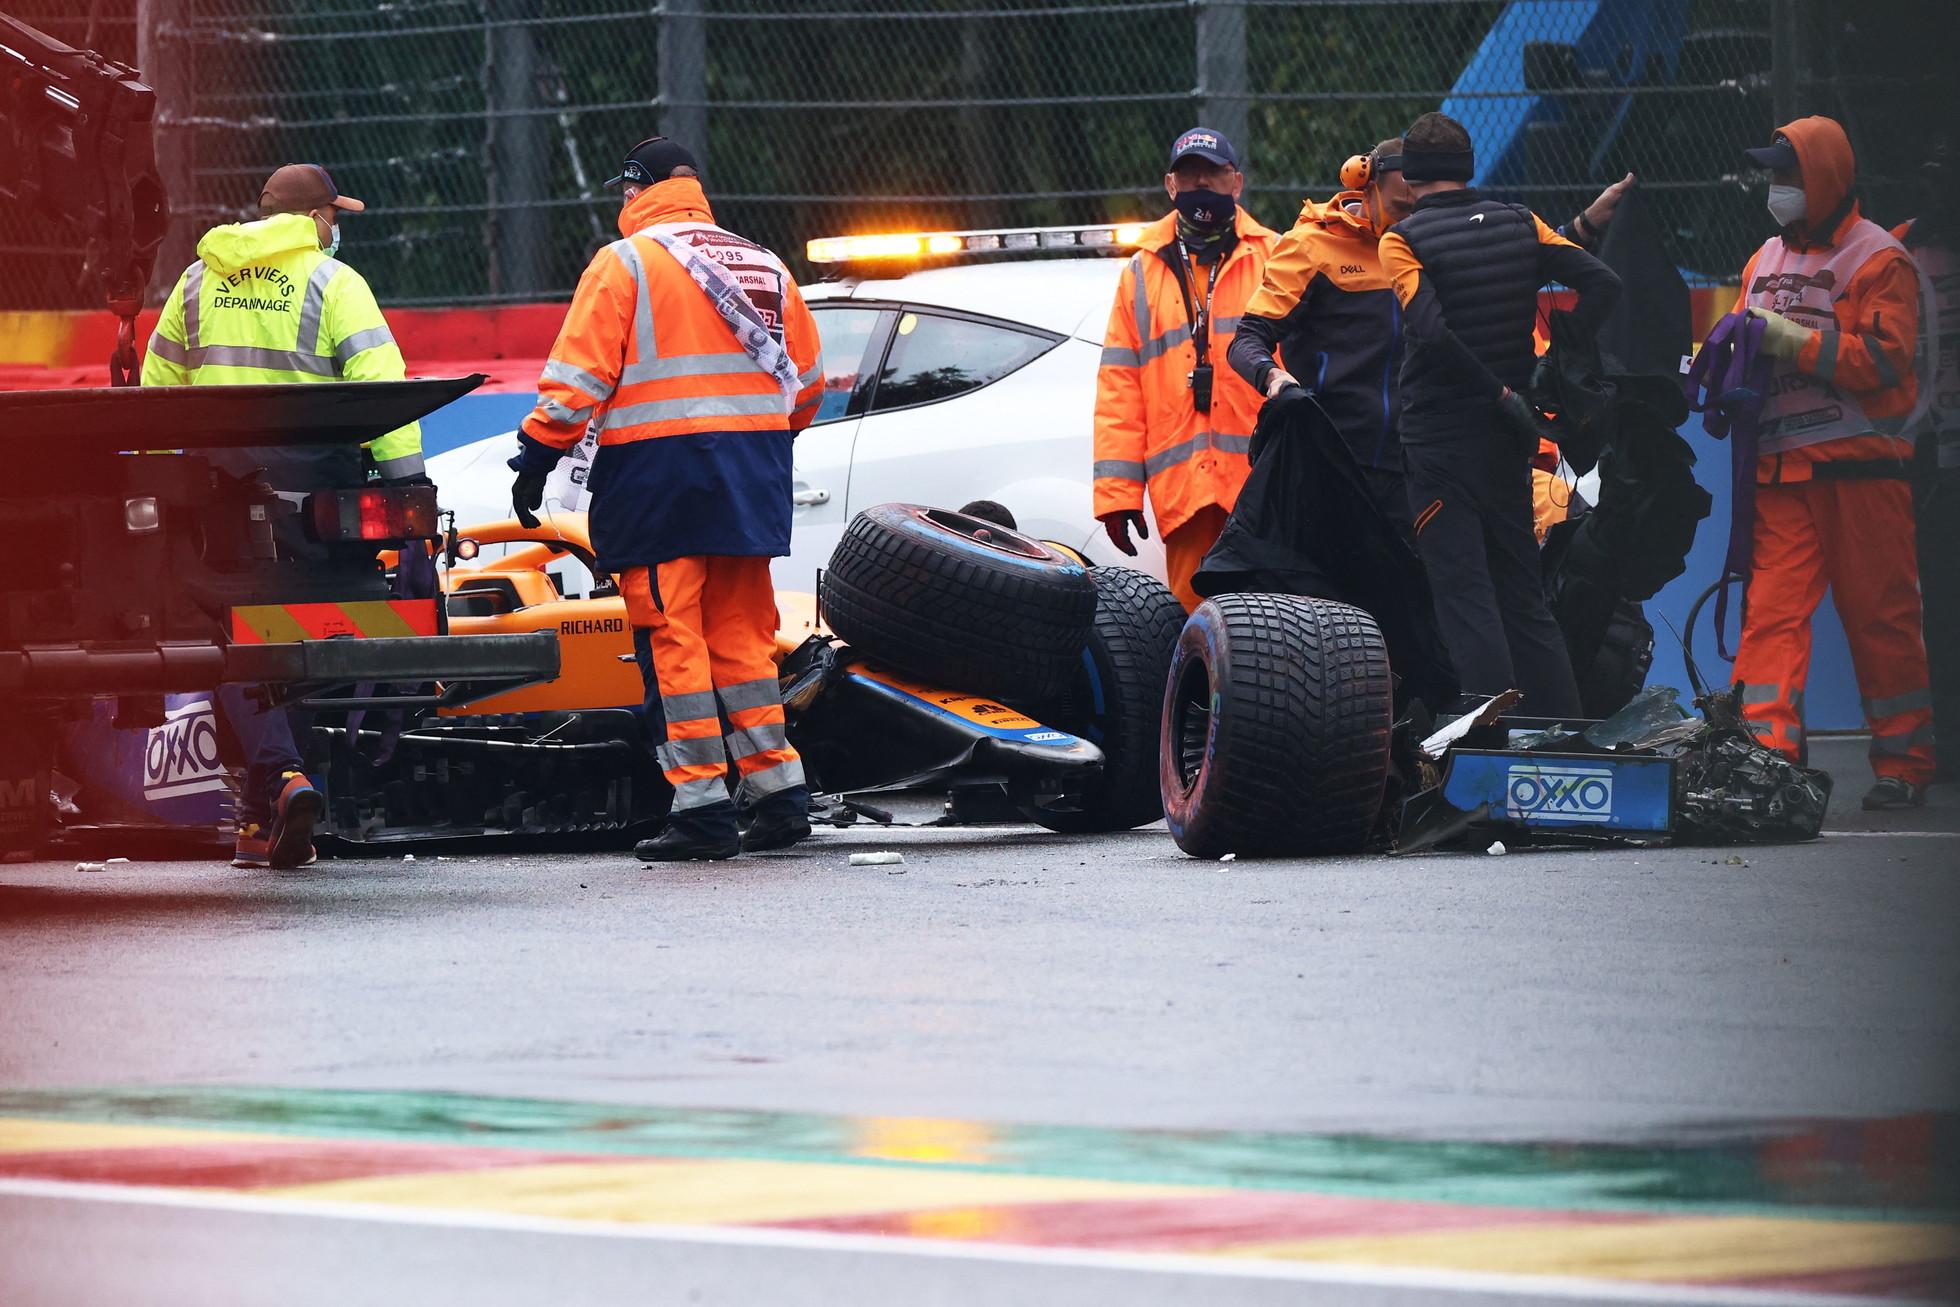 Brutto incidente per Lando Norris in Q3. Il pilota della McLaren ha perso la sua vettura all&#39;Eau Rouge tradito dalla pioggia battente. Macchina distrutta e grande spavento, ma l&#39;inglese &egrave; sceso illeso.<br /><br />